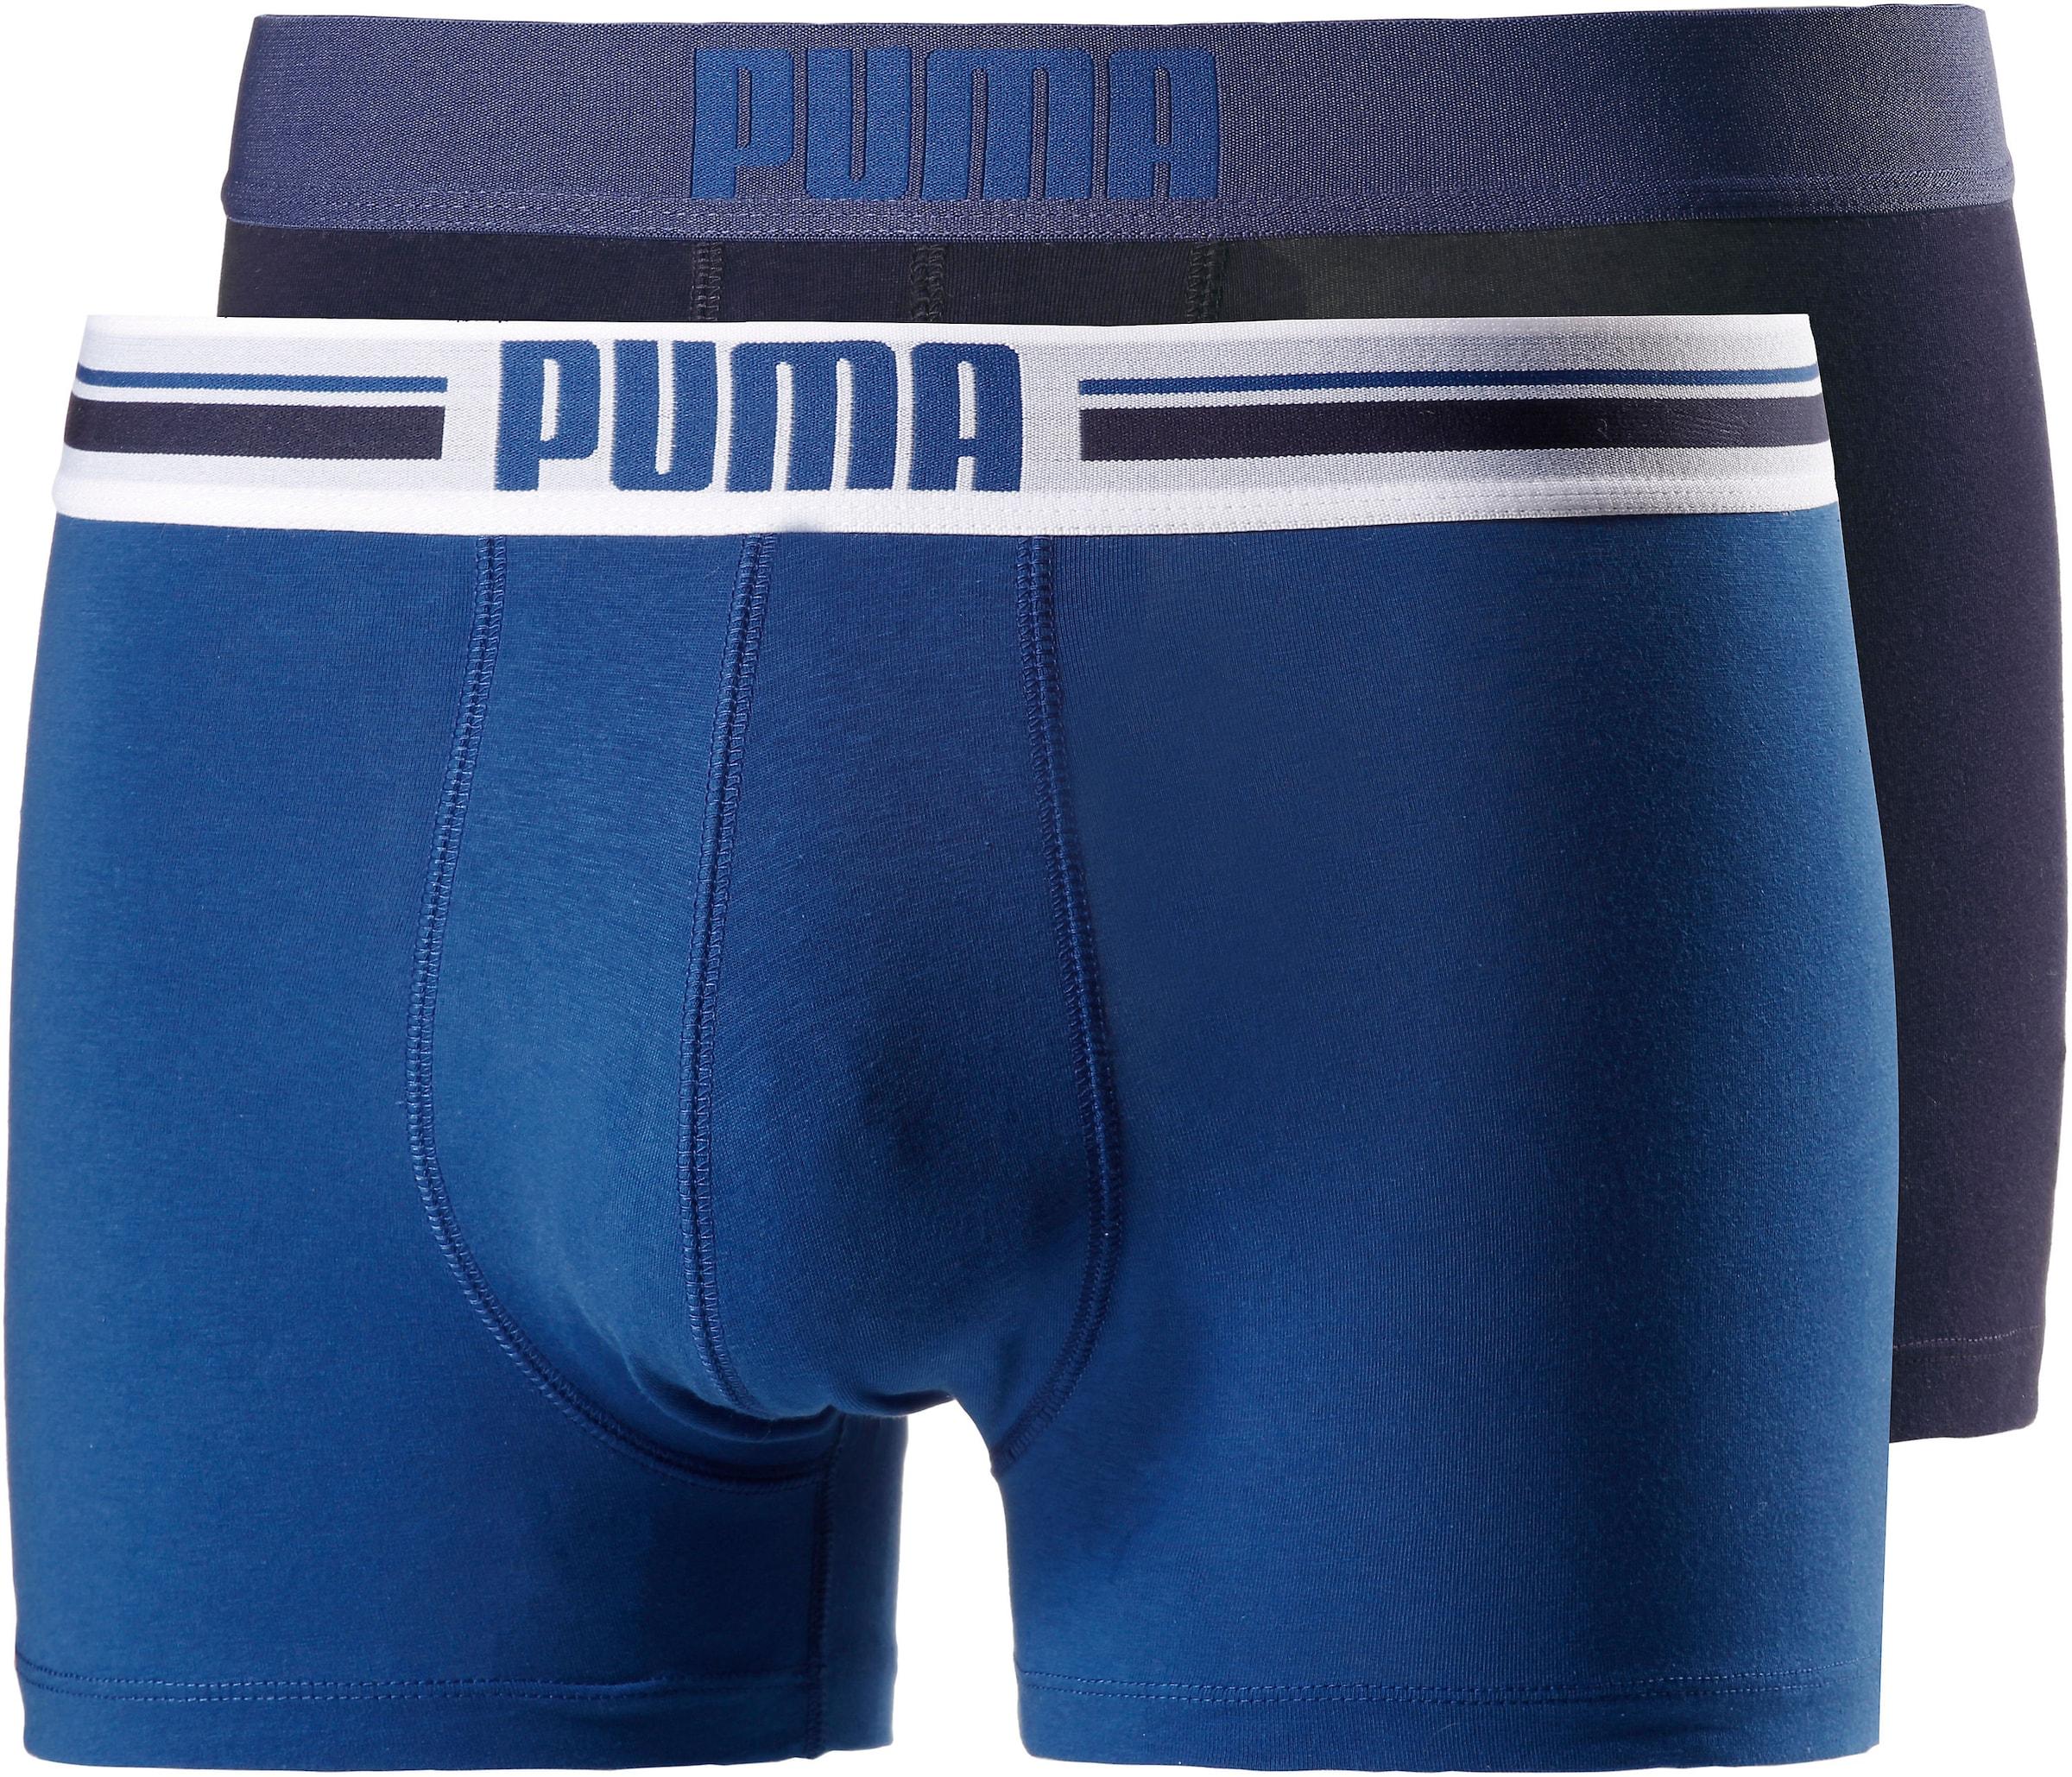 Für Billigen Rabatt PUMA Boxer Freies Verschiffen Billig Qualität Nicekicks Günstig Online dXow9NGWk